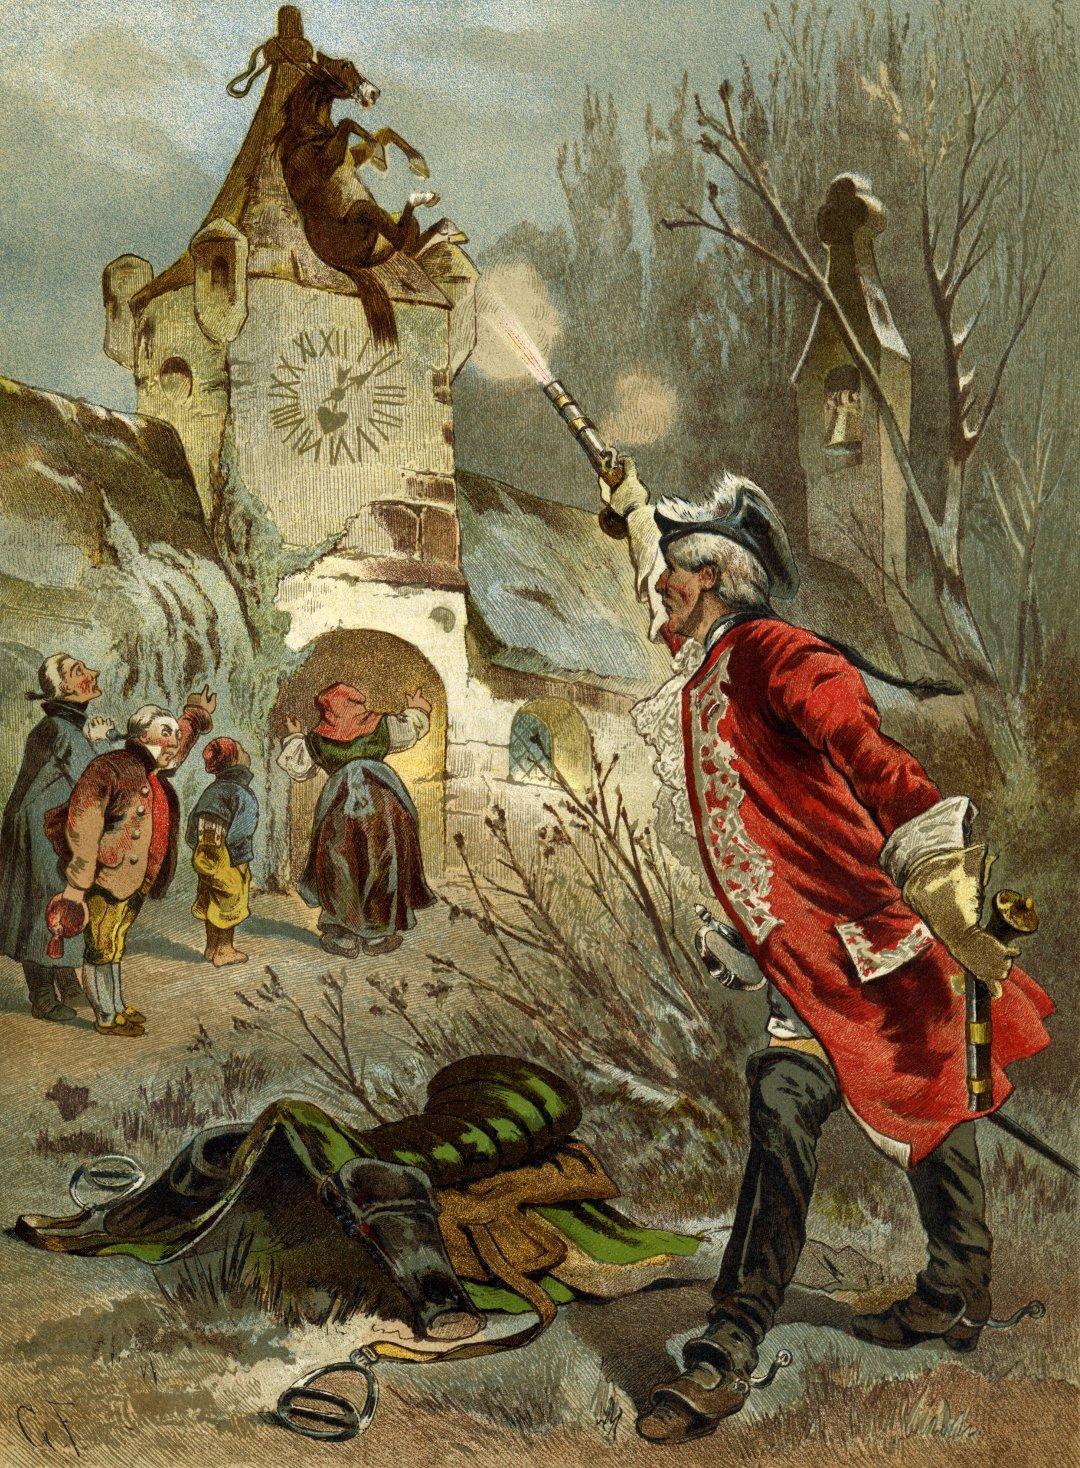 Иллюстрация с Мюнхгаузеном и конём, к книге Рудольфа Эриха Распе, созданная Готфридом Францем